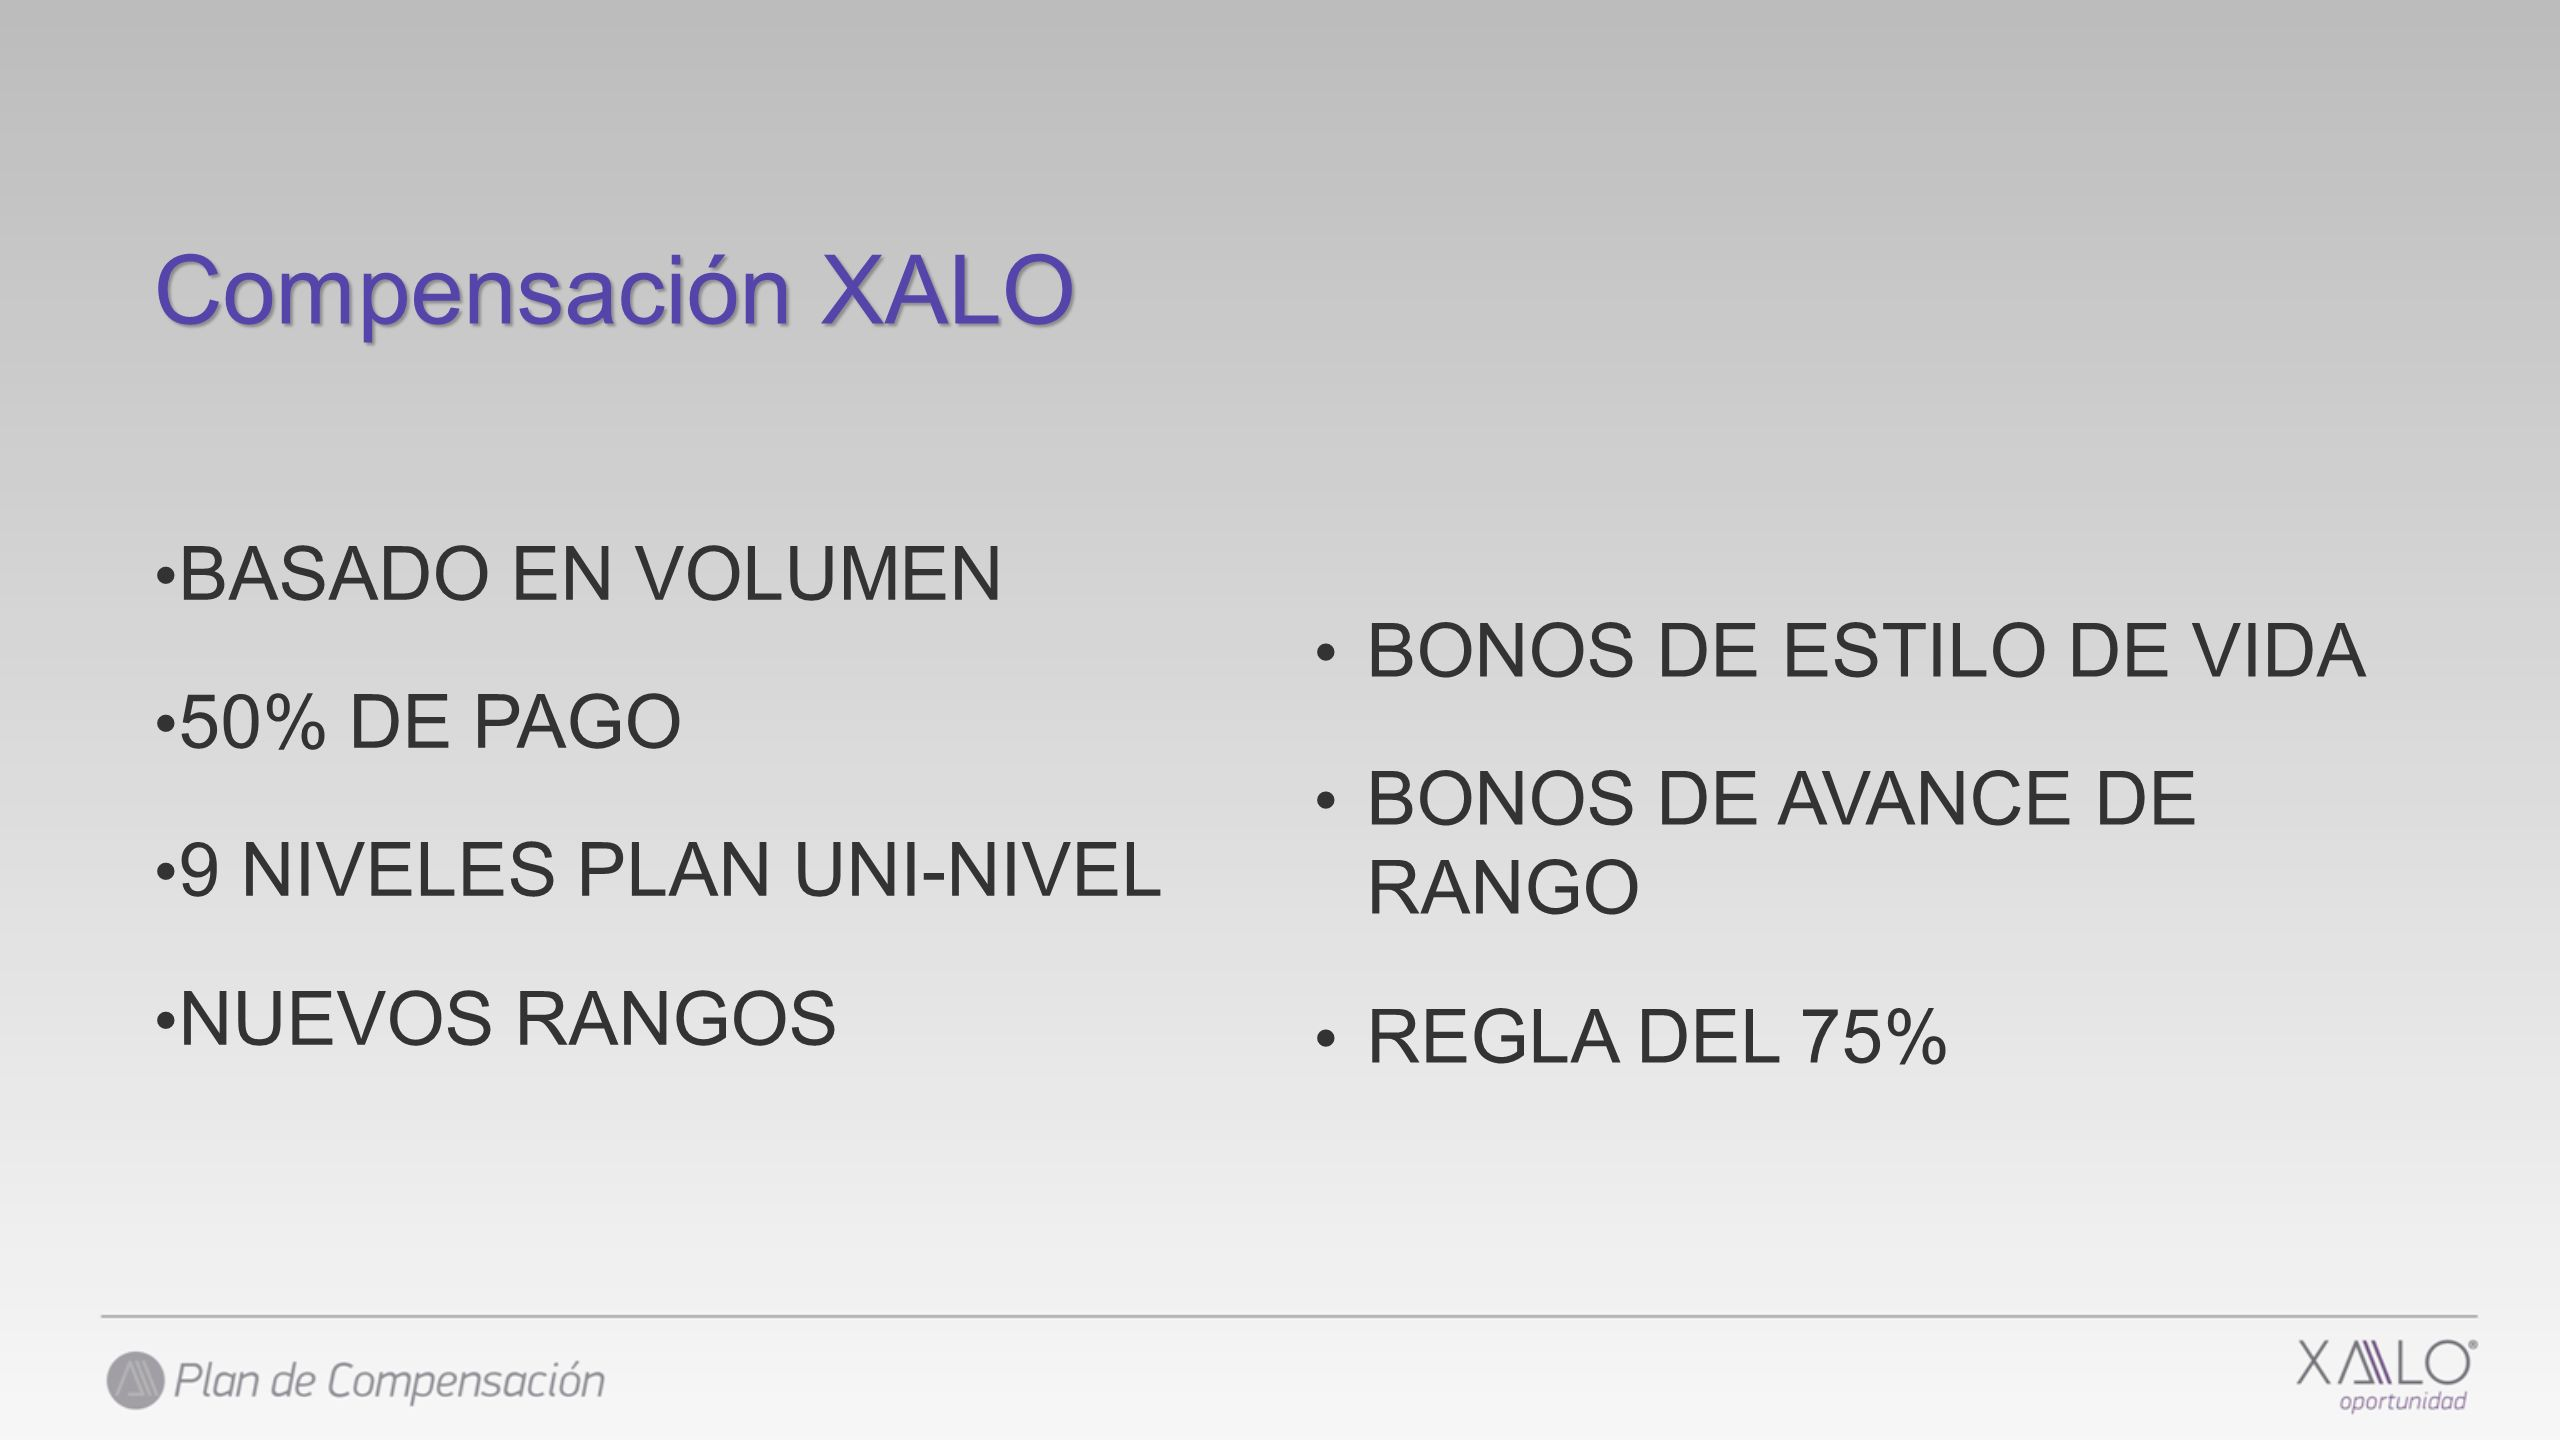 Compensación XALO BASADO EN VOLUMEN 50% DE PAGO